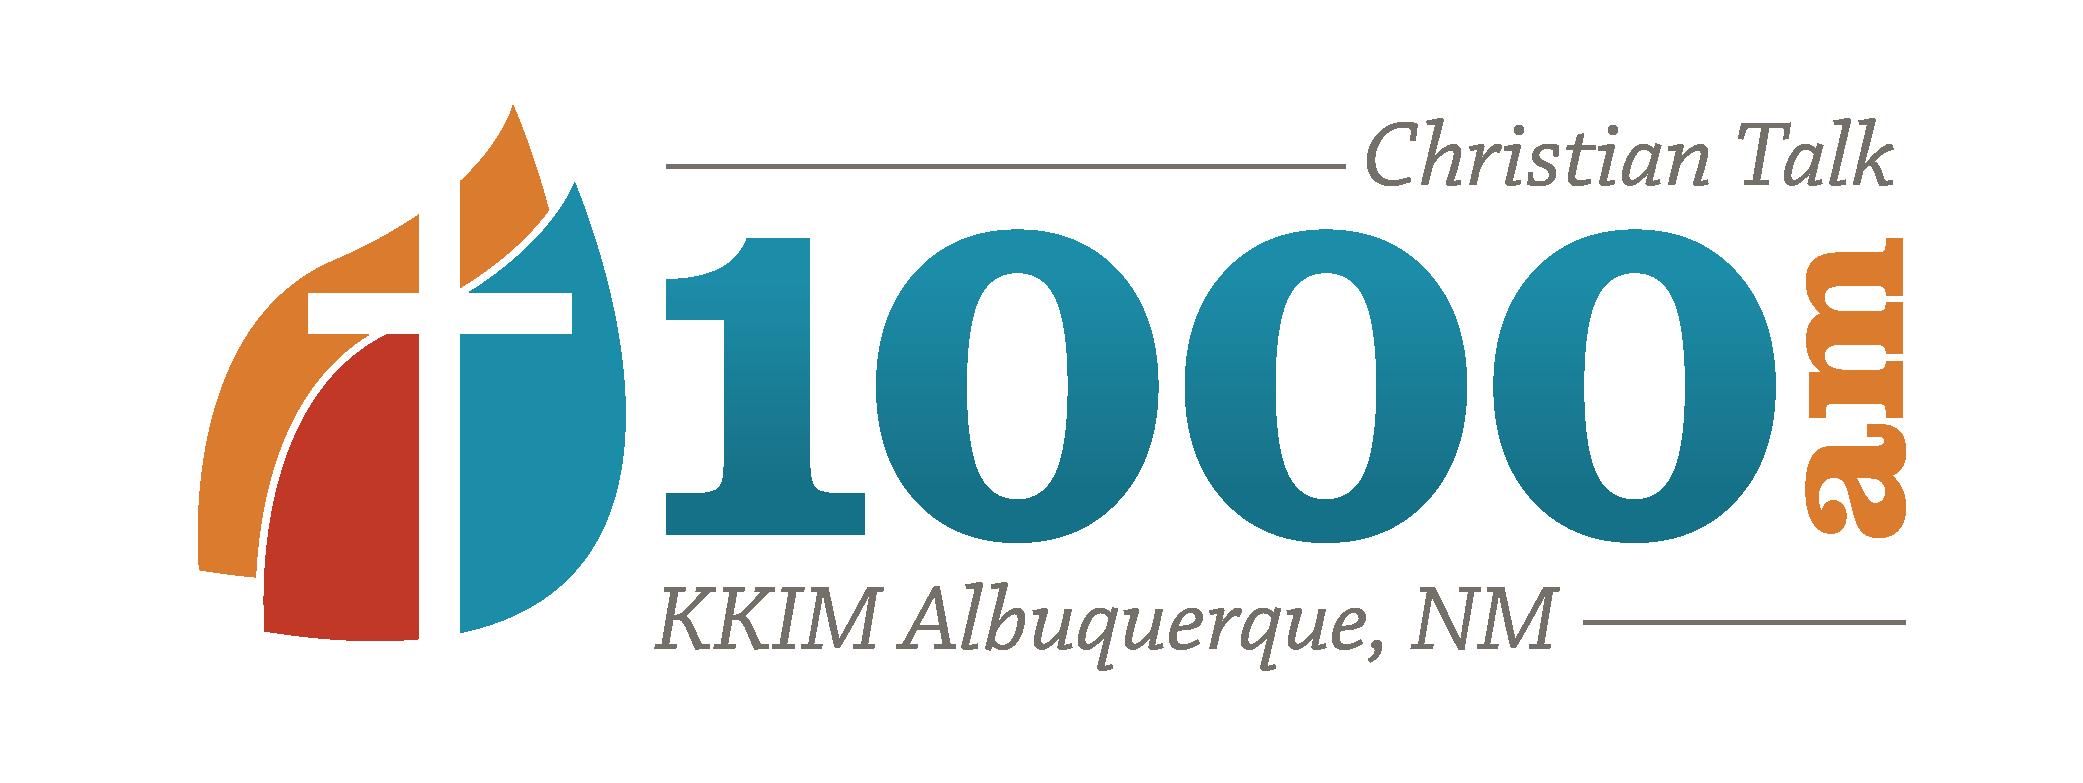 Kkim 1000am albuquerque nm wilkins radio